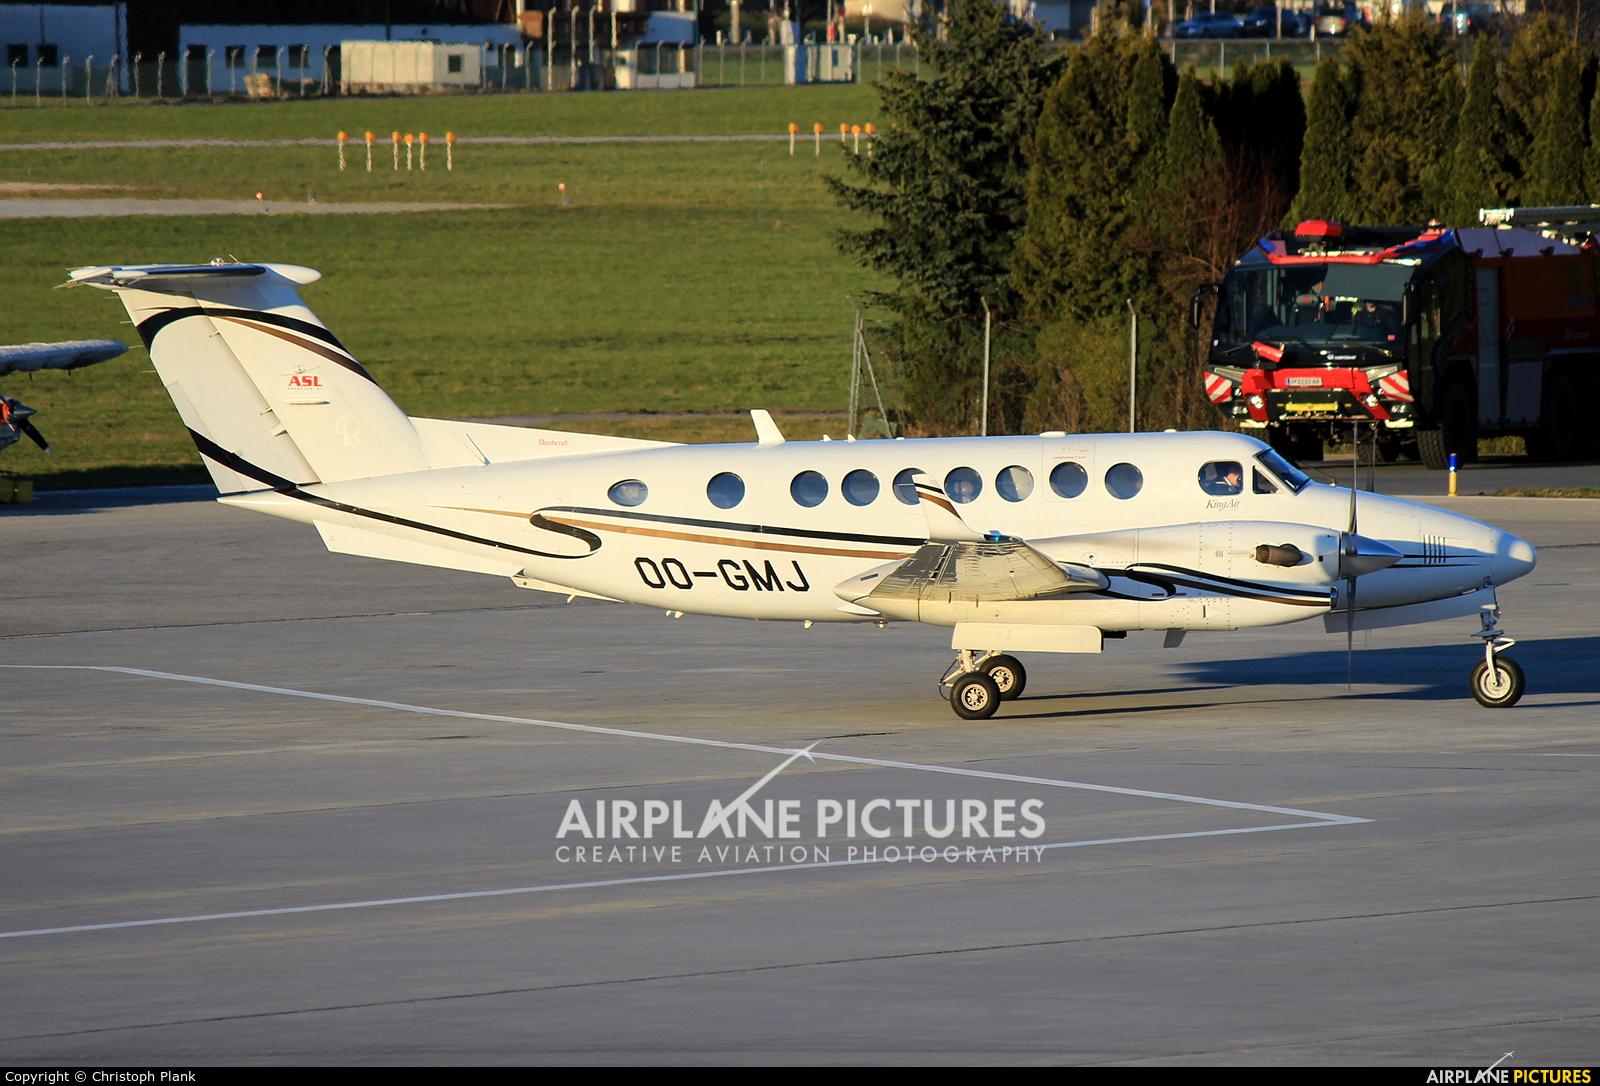 Air Service Liege OO-GMJ aircraft at Innsbruck